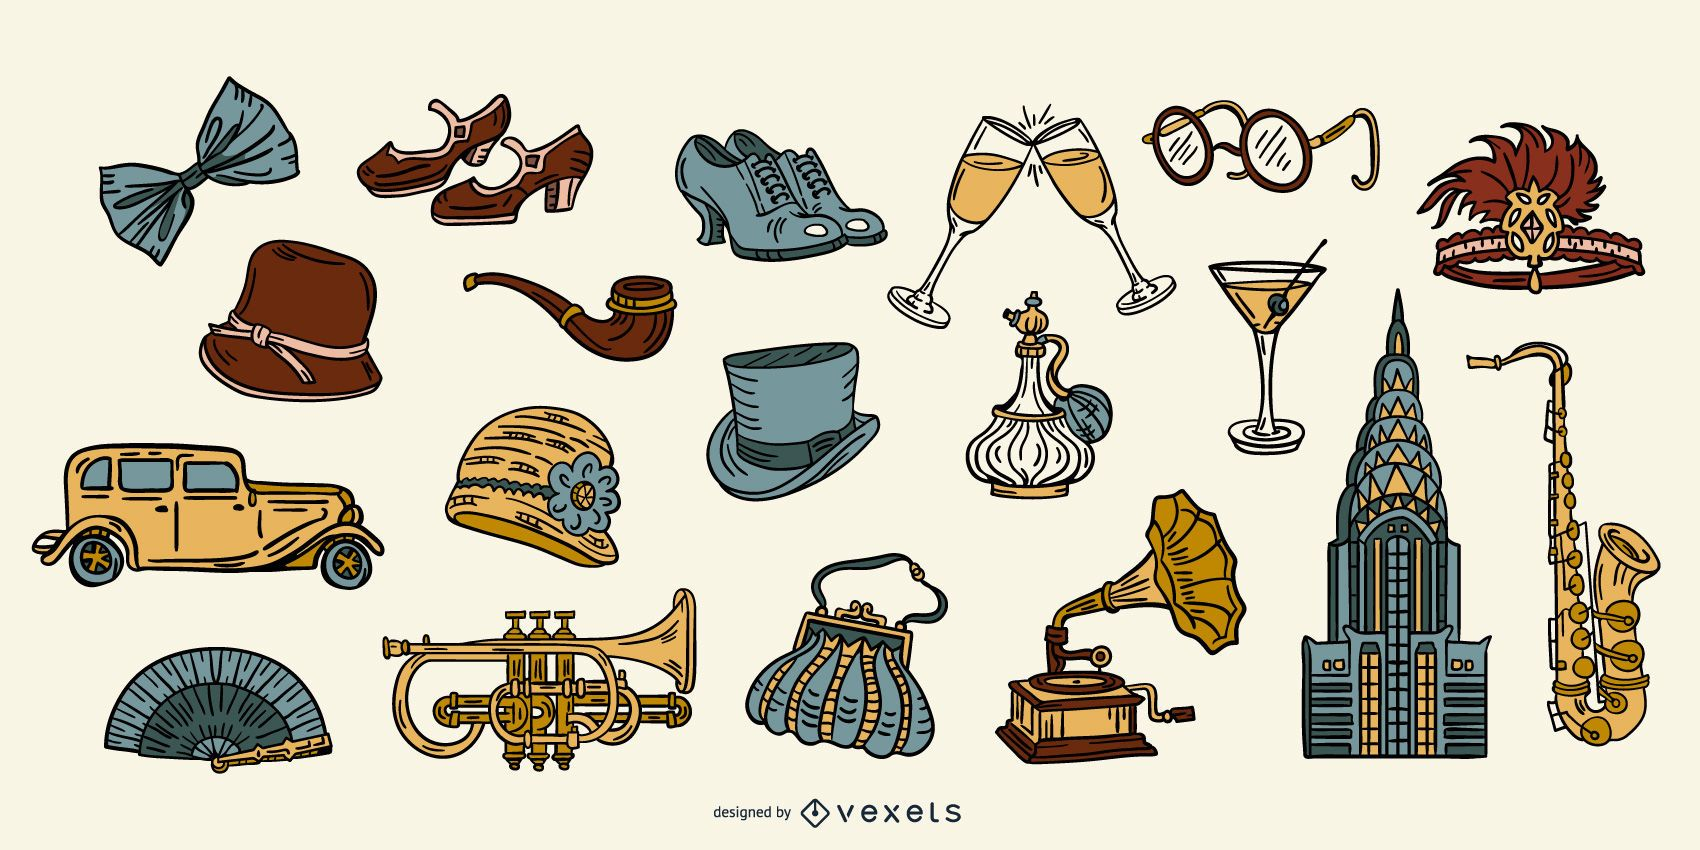 Paquete de elementos de colores vintage de los años 20